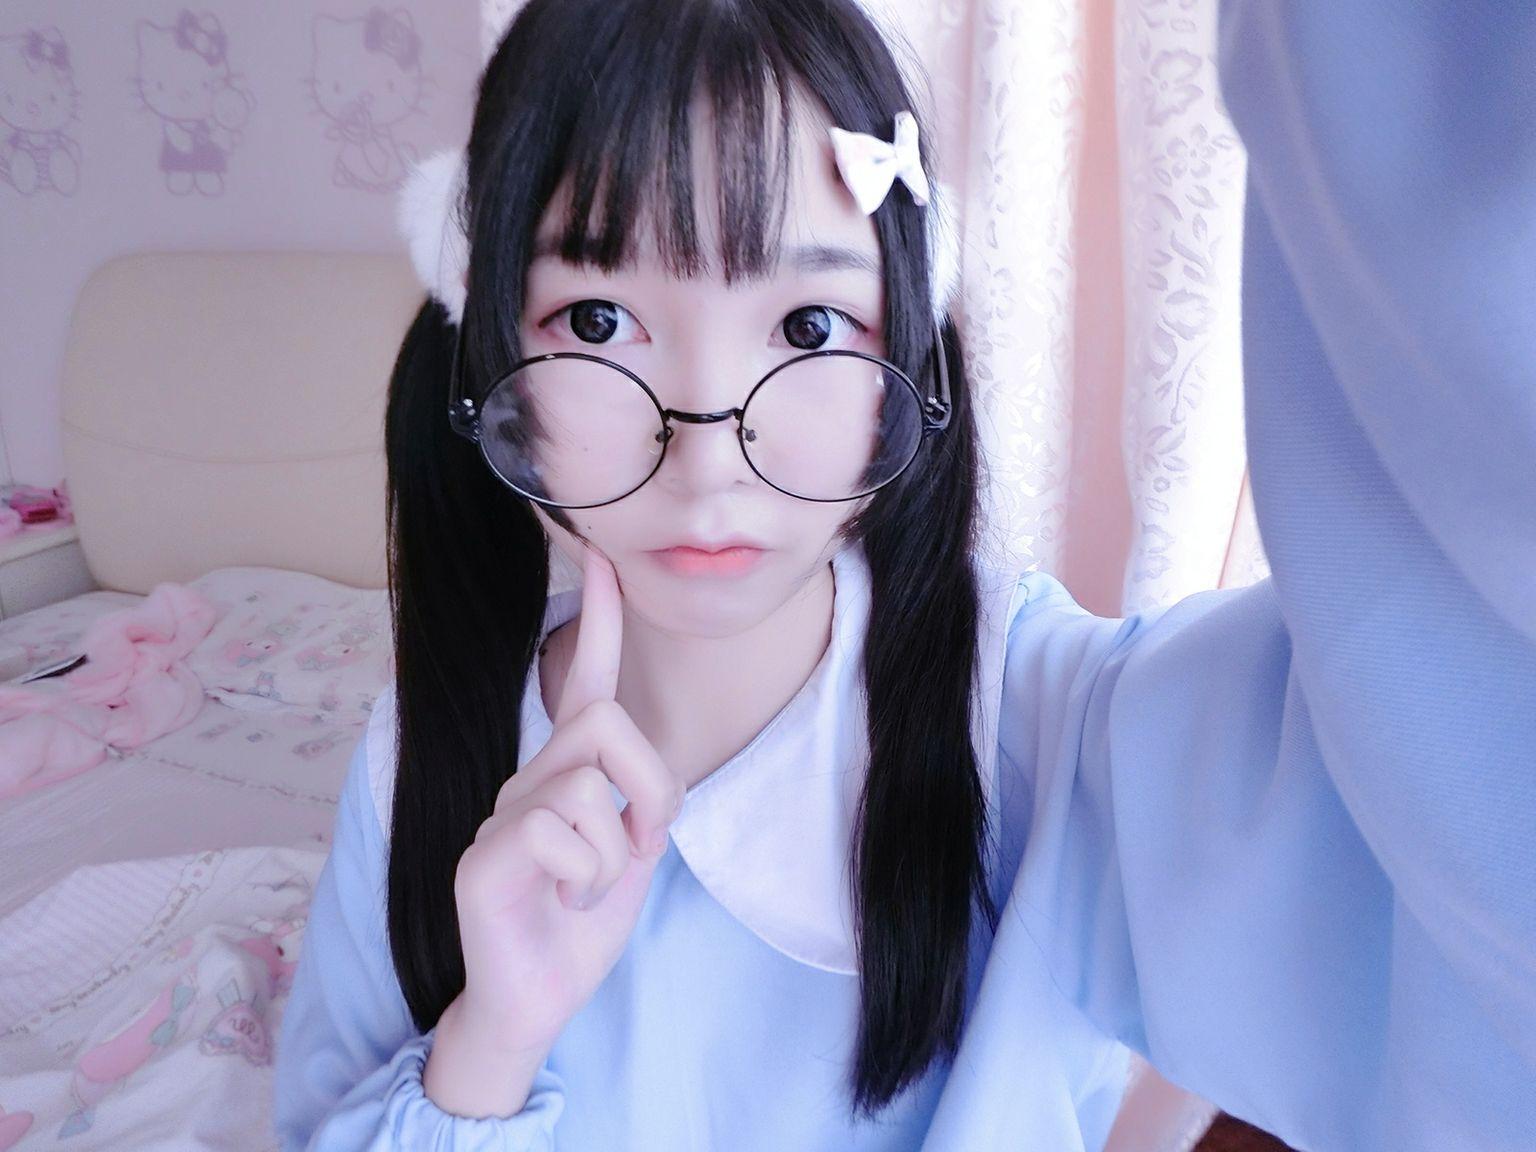 幼稚园童装 双马尾眼镜